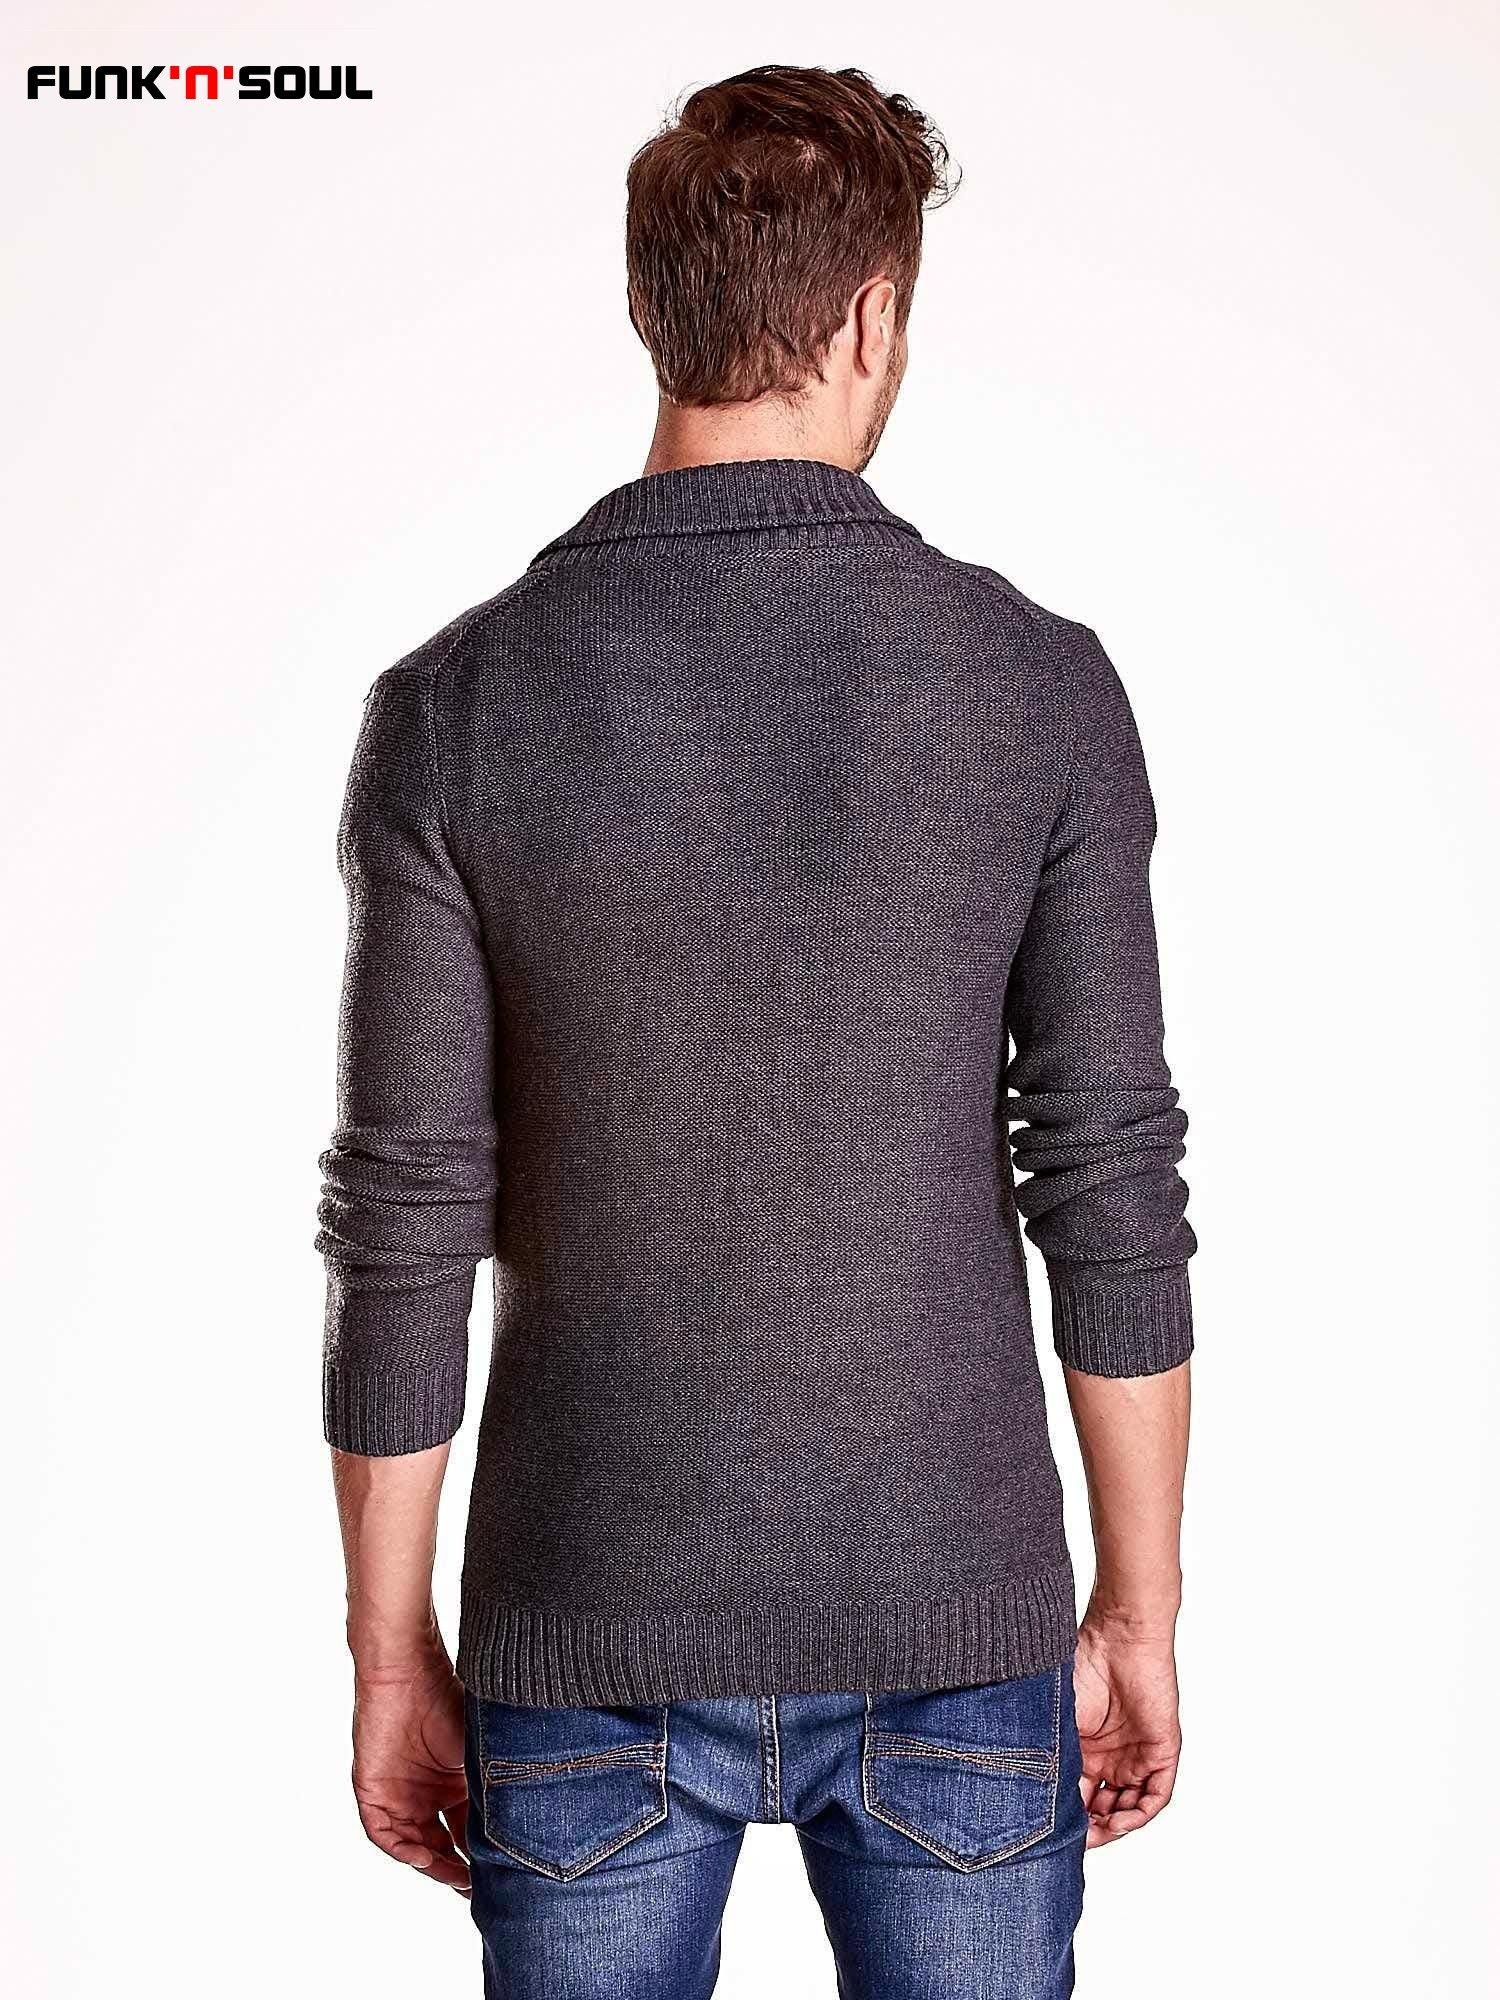 Ciemnoszary sweter męski zapinany na guziki FUNK N SOUL                                  zdj.                                  5